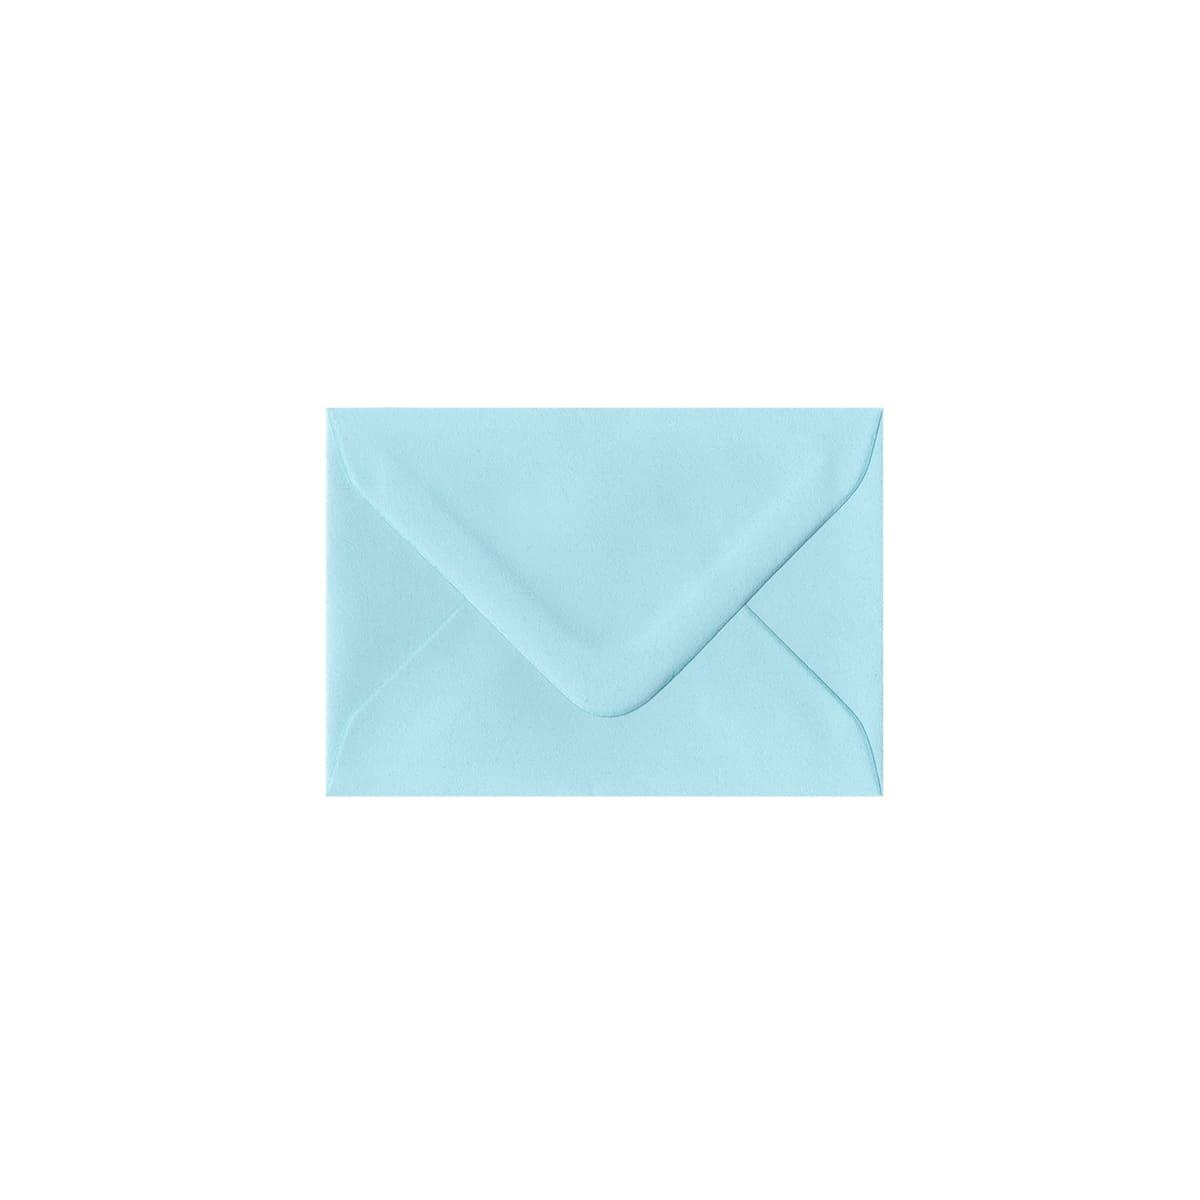 PASTEL BLUE 70 x 100 mm GIFT TAG ENVELOPE (i2)